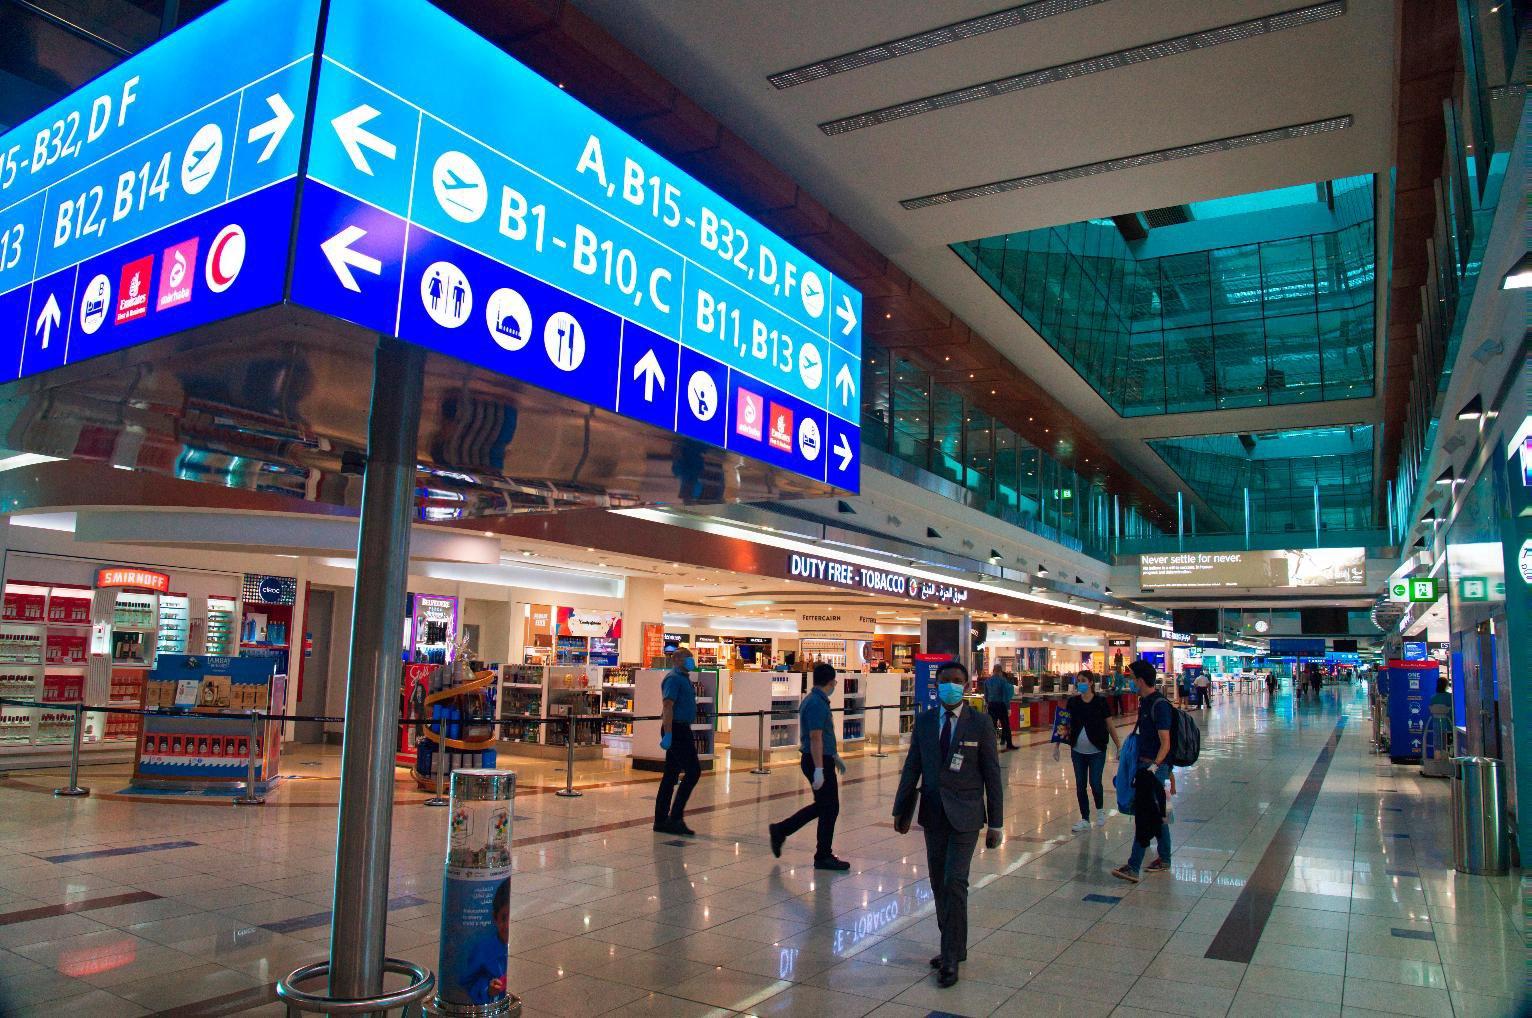 صورة مطارات دبي تعيد افتتاح المبنى رقم 1 وكونكورس D اعتبارا من 24 يونيو – الاقتصادي – اقتصاد الإمارات